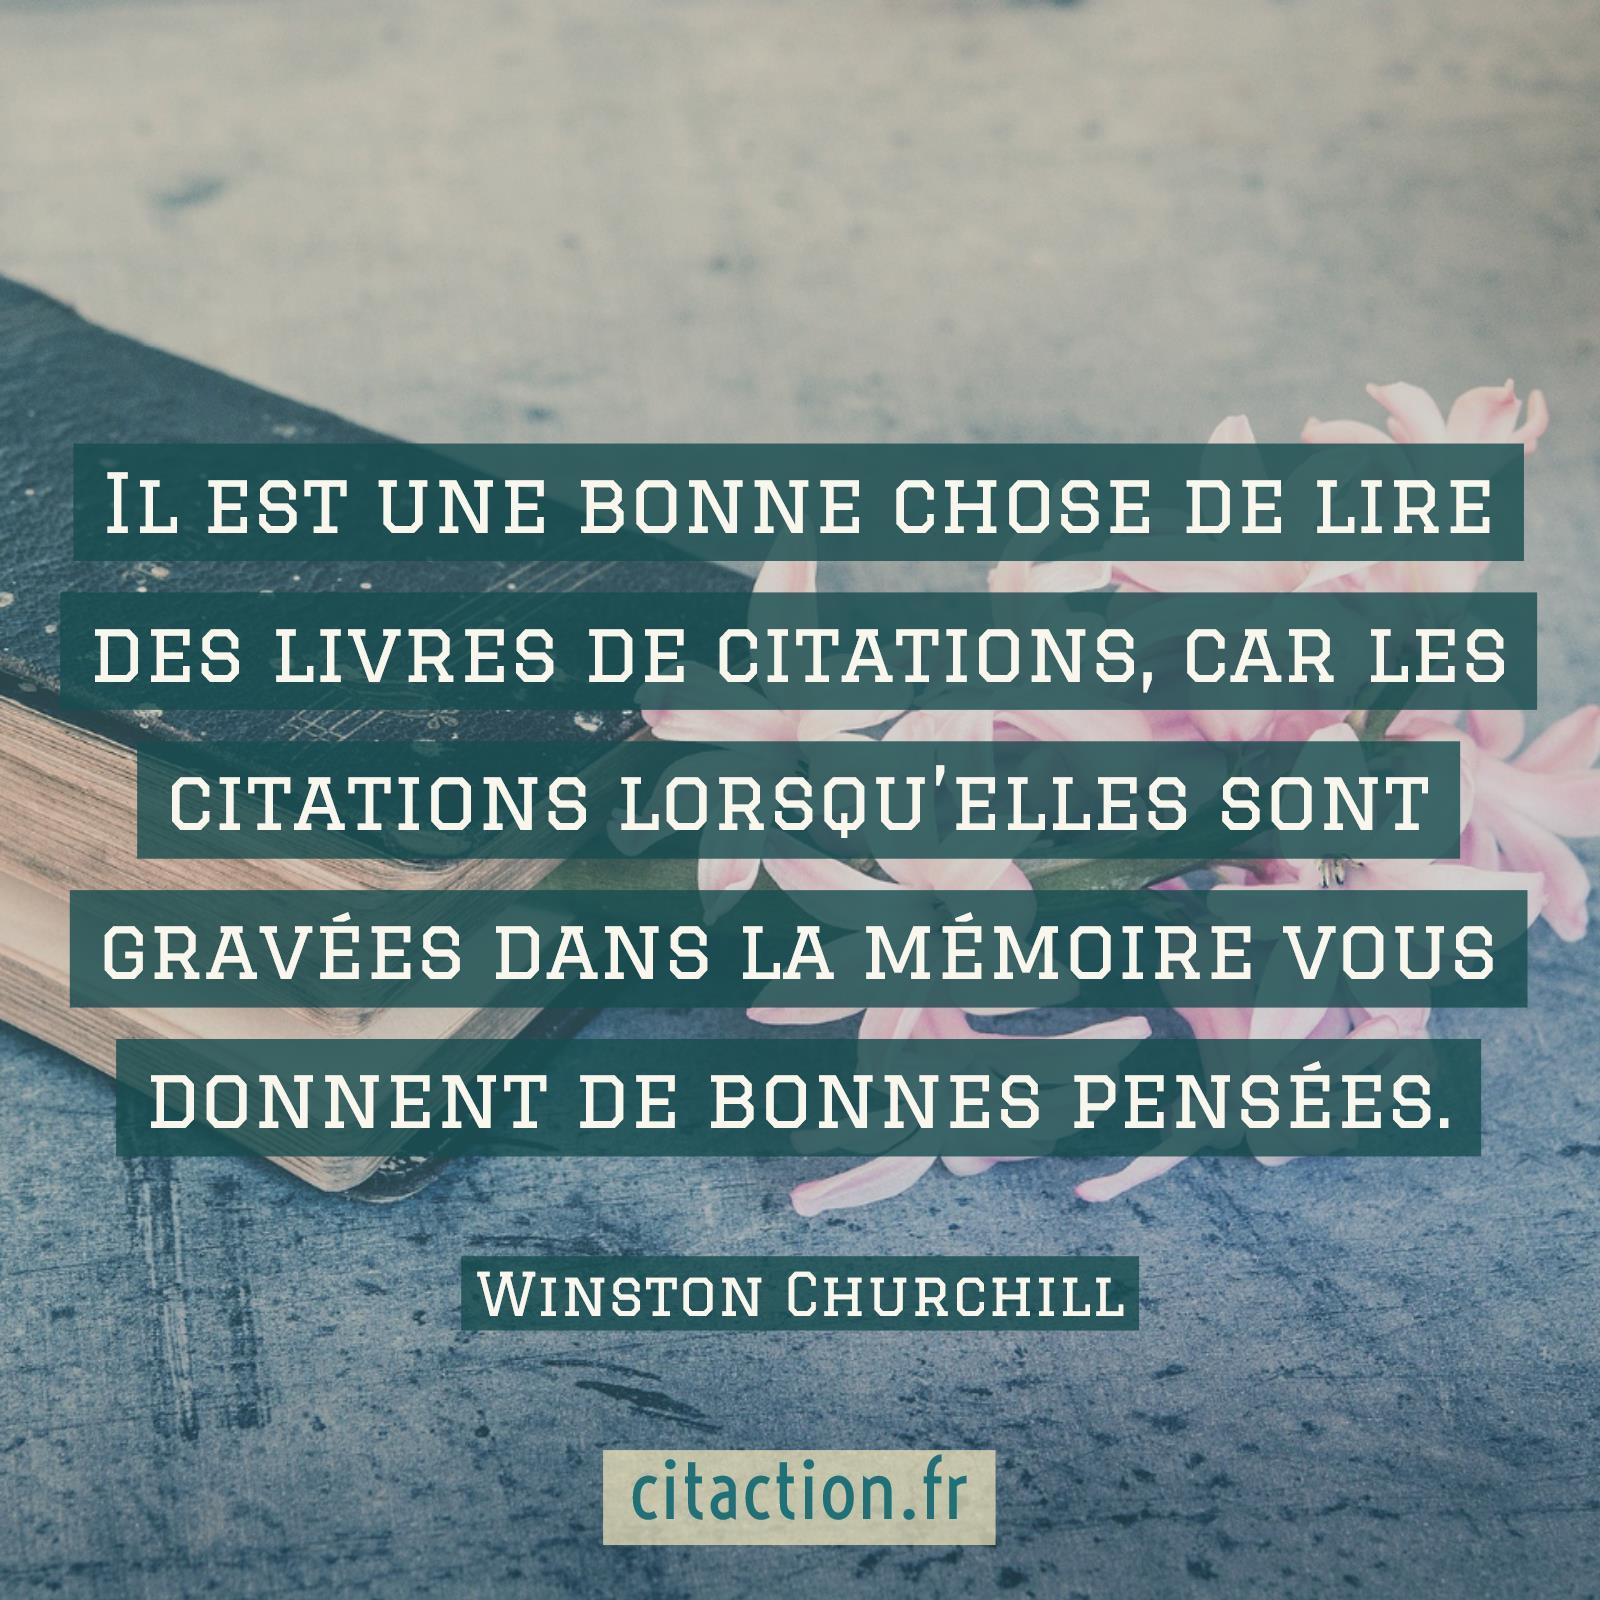 Il est une bonne chose de lire des livres de citations, car les citations lorsqu'elles sont gravées dans la mémoire vous donnent de bonnes pensées.